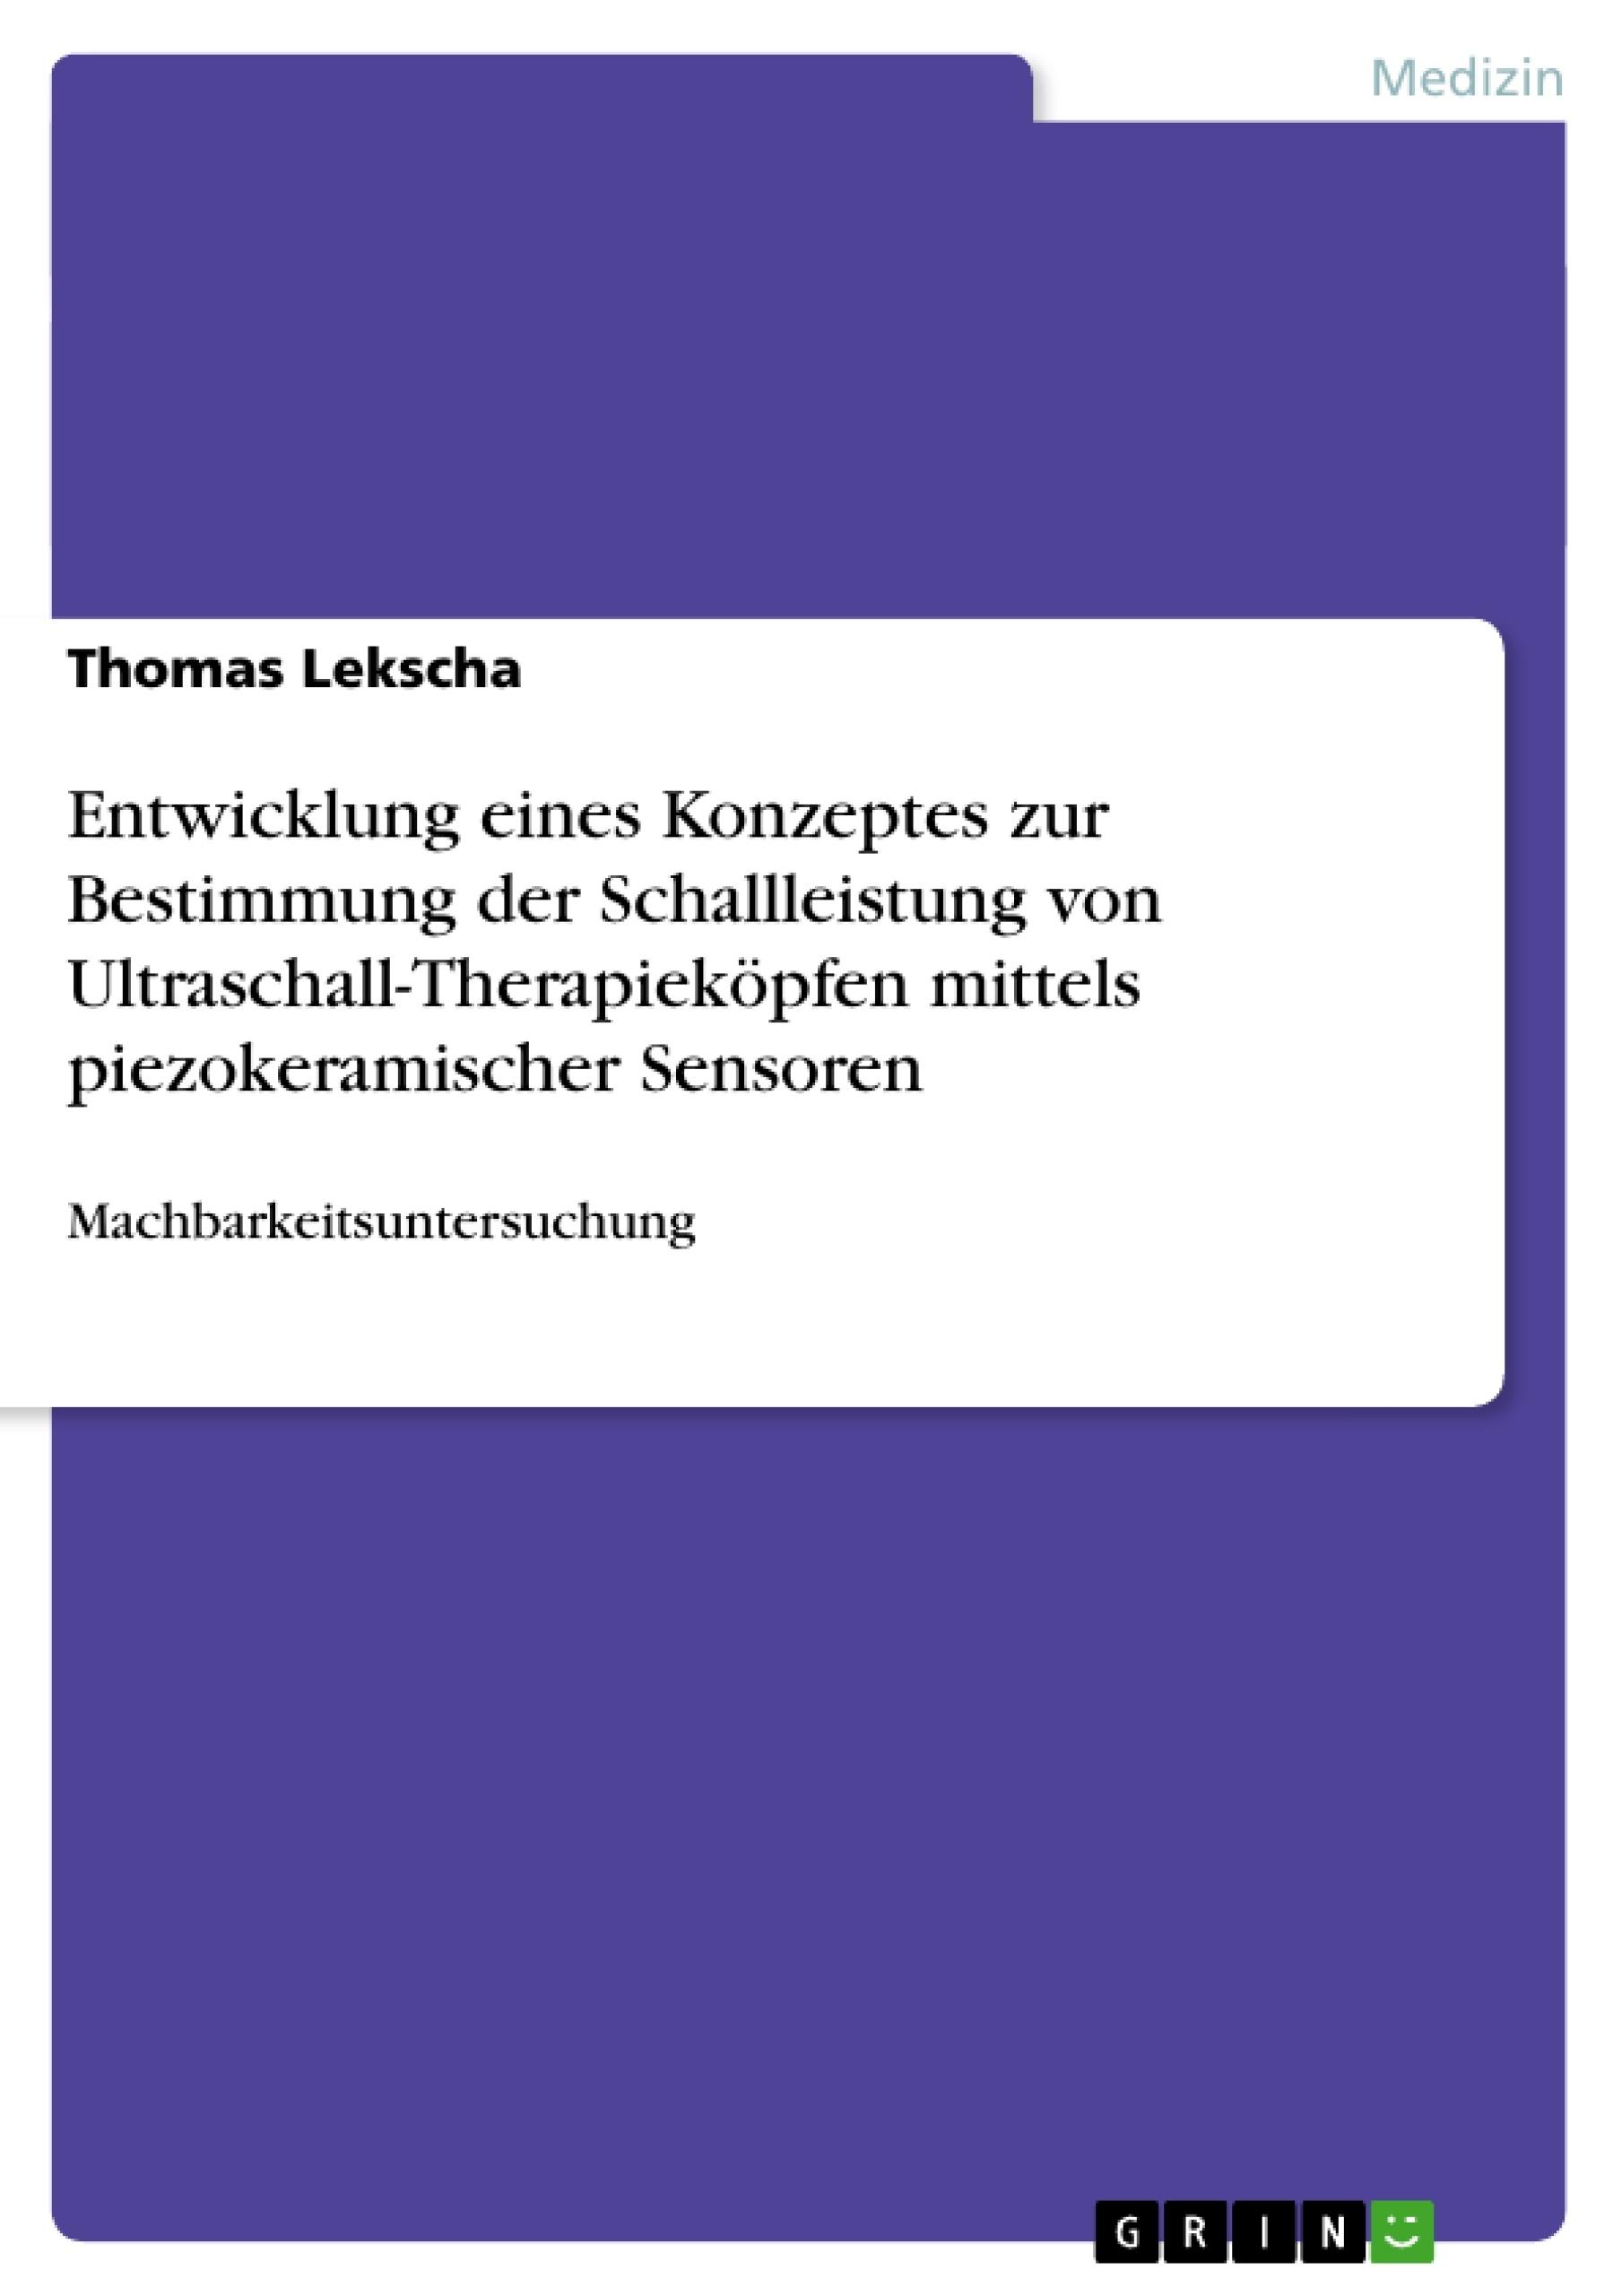 Titel: Entwicklung eines Konzeptes zur Bestimmung der Schallleistung von Ultraschall-Therapieköpfen mittels piezokeramischer Sensoren